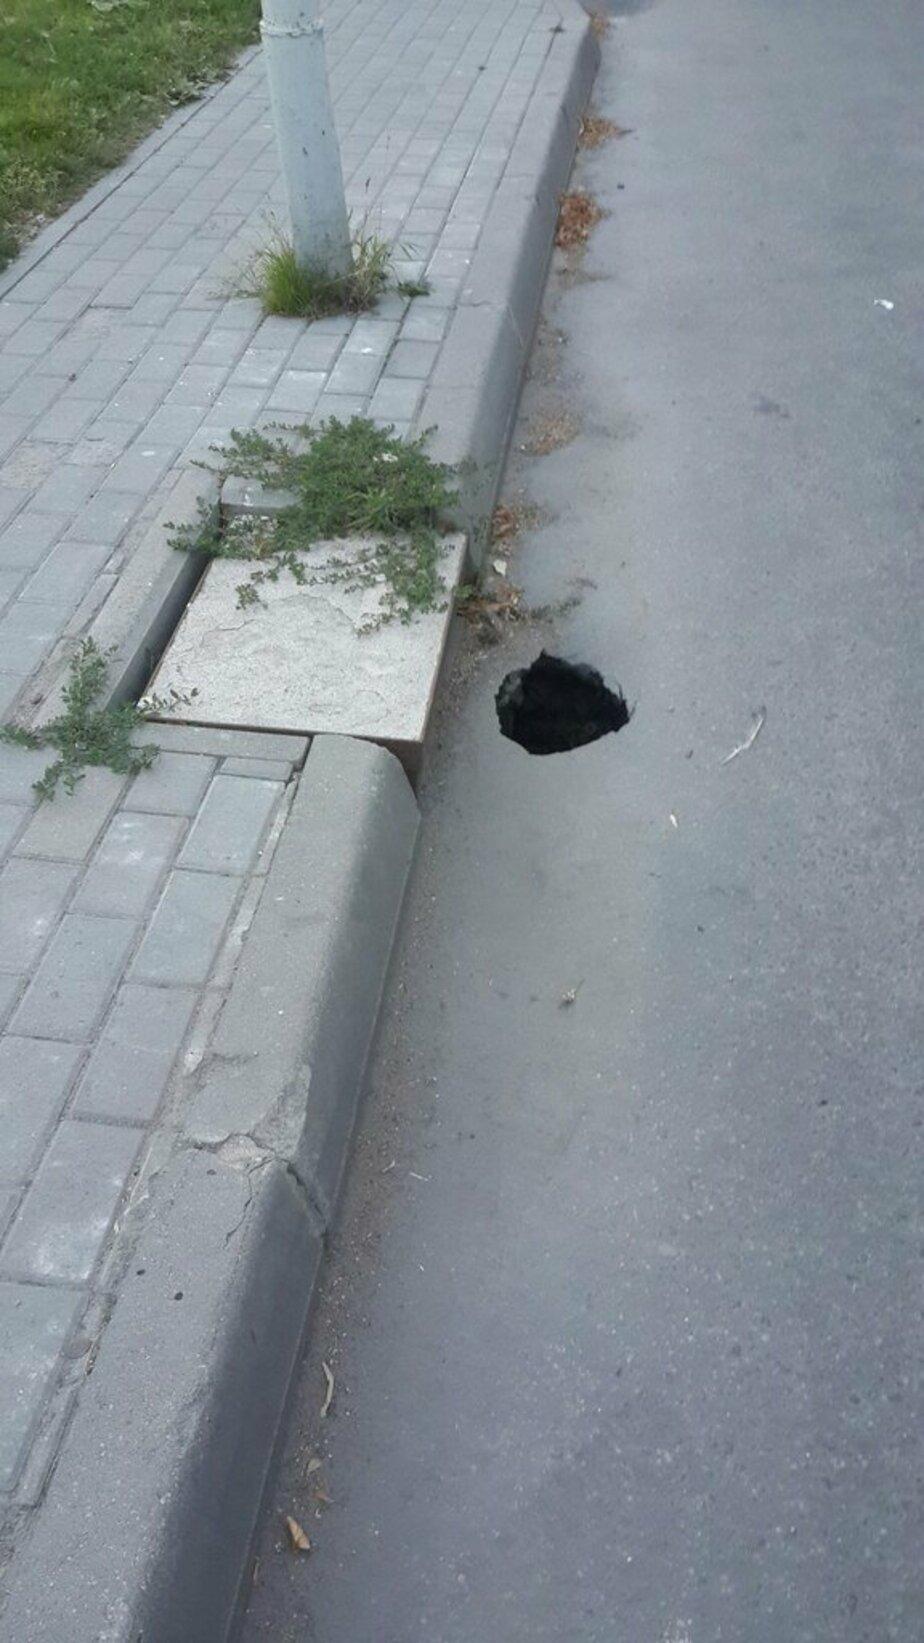 На ул. Светлой в Калининграде снова проваливается асфальт - Новости Калининграда